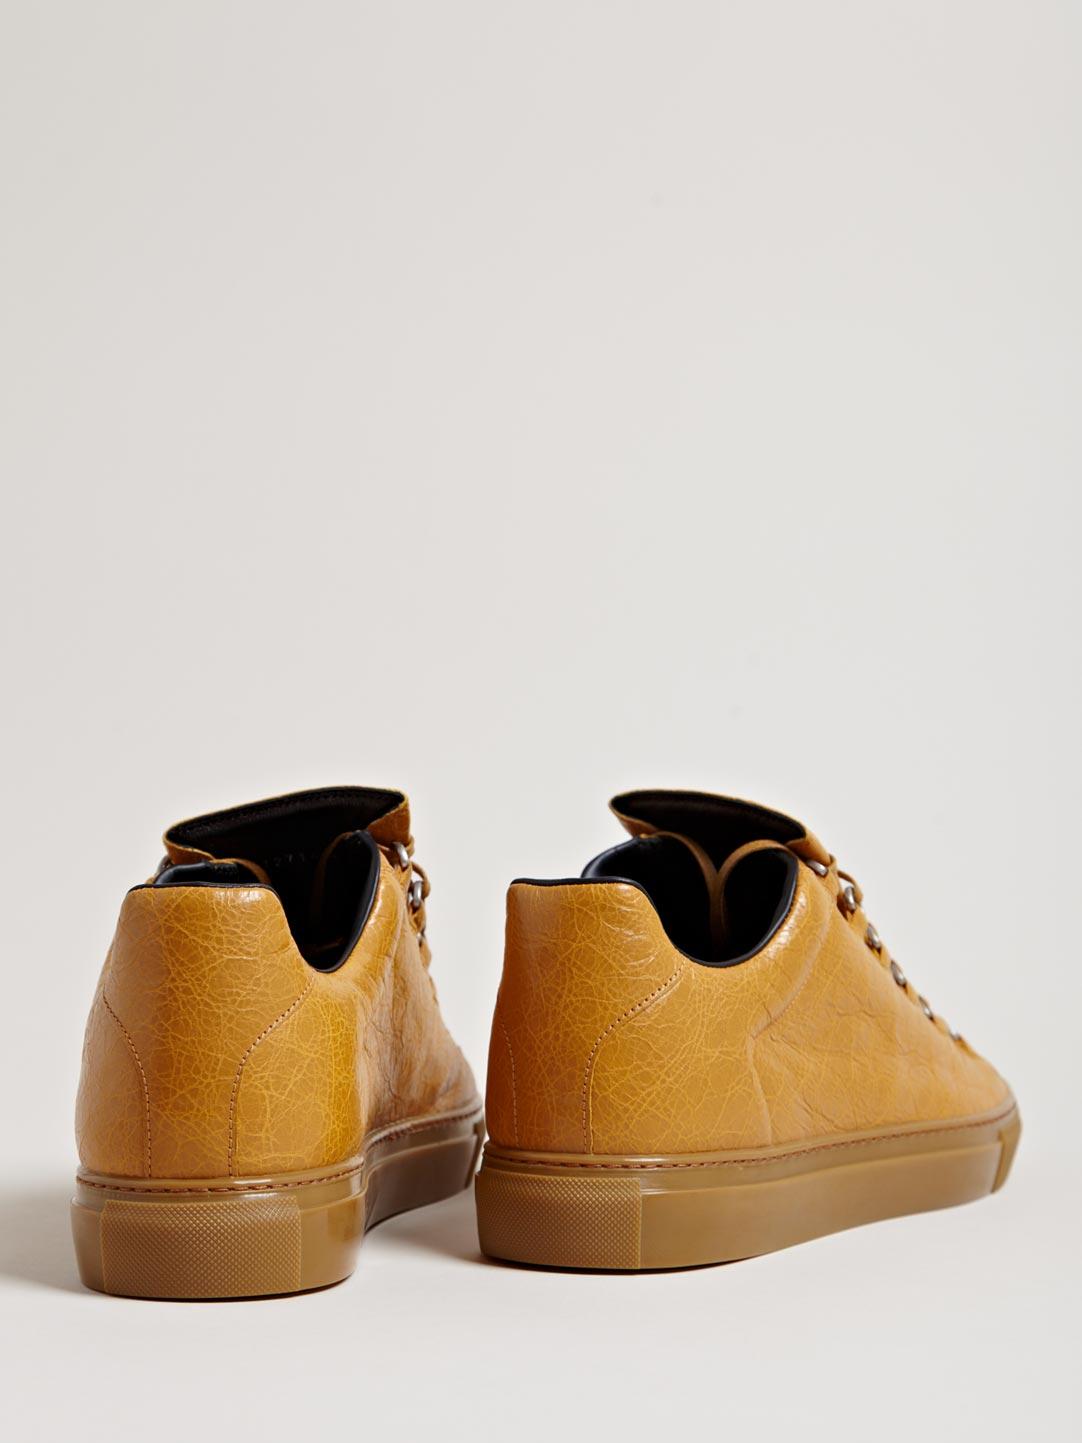 Caramel Balenciaga Arena Luxury Sneakers 2